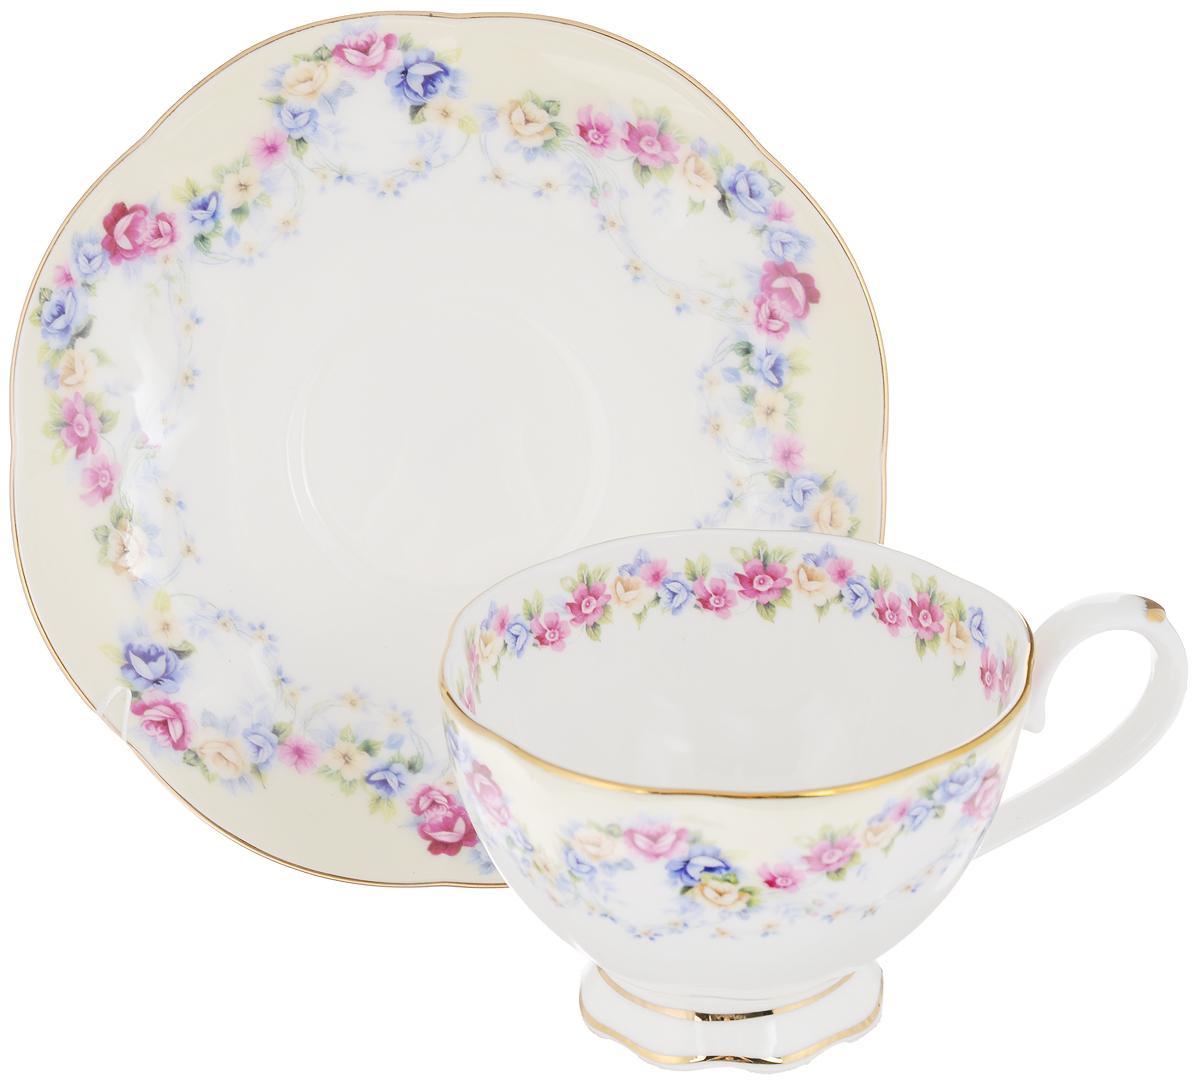 Чайная пара Elan Gallery Гирлянда из роз, 2 предмета530036Чайная пара Elan Gallery Гирлянда из роз состоит из чашки и блюдца, изготовленных из керамики высшего качества, отличающегося необыкновенной прочностью и небольшим весом. Яркий дизайн, несомненно, придется вам по вкусу.Чайная пара Elan Gallery Гирлянда из роз украсит ваш кухонный стол, а также станет замечательным подарком к любому празднику.Не рекомендуется применять абразивные моющие средства. Не использовать в микроволновой печи.Объем чашки: 250 мл.Диаметр чашки (по верхнему краю): 10 см.Высота чашки: 7 см.Диаметр блюдца: 16 см.Высота блюдца: 2,2 см.